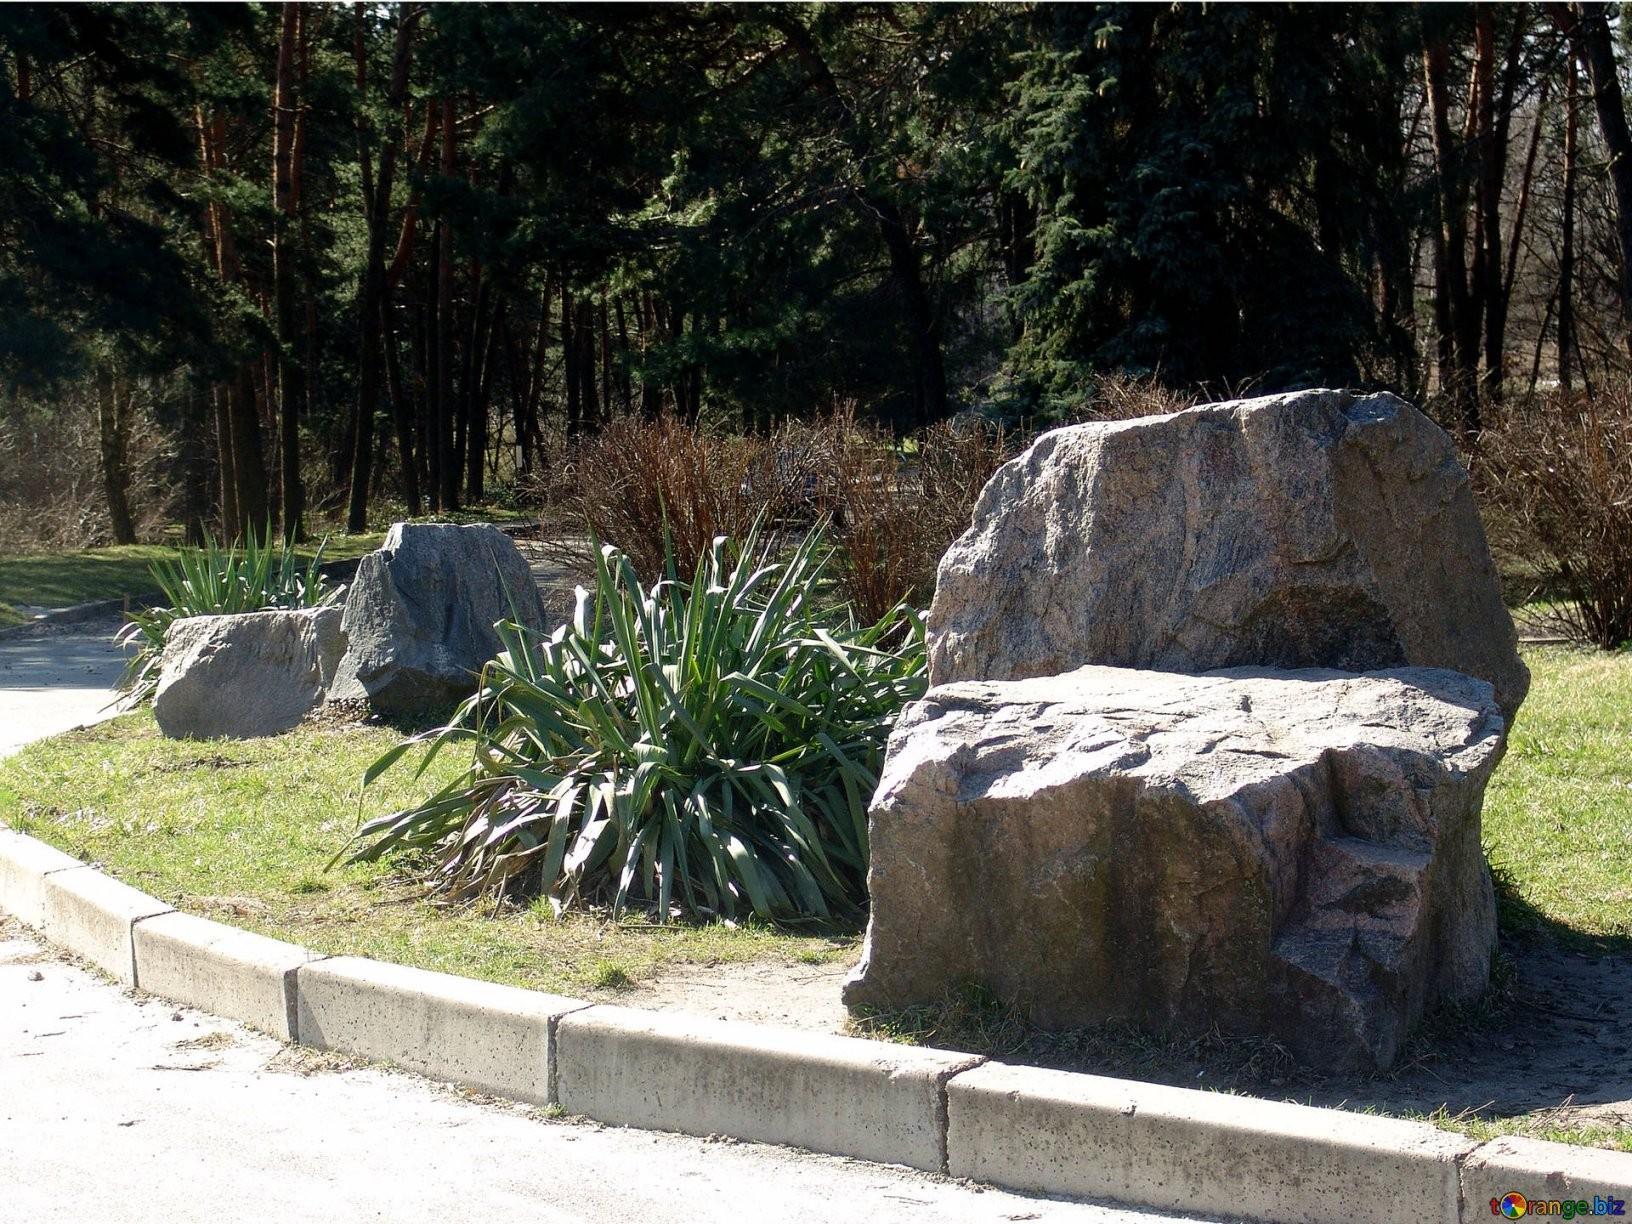 Steine Sind Große Steine Im Garten Berge № 1403 von Große Steine Garten Bild